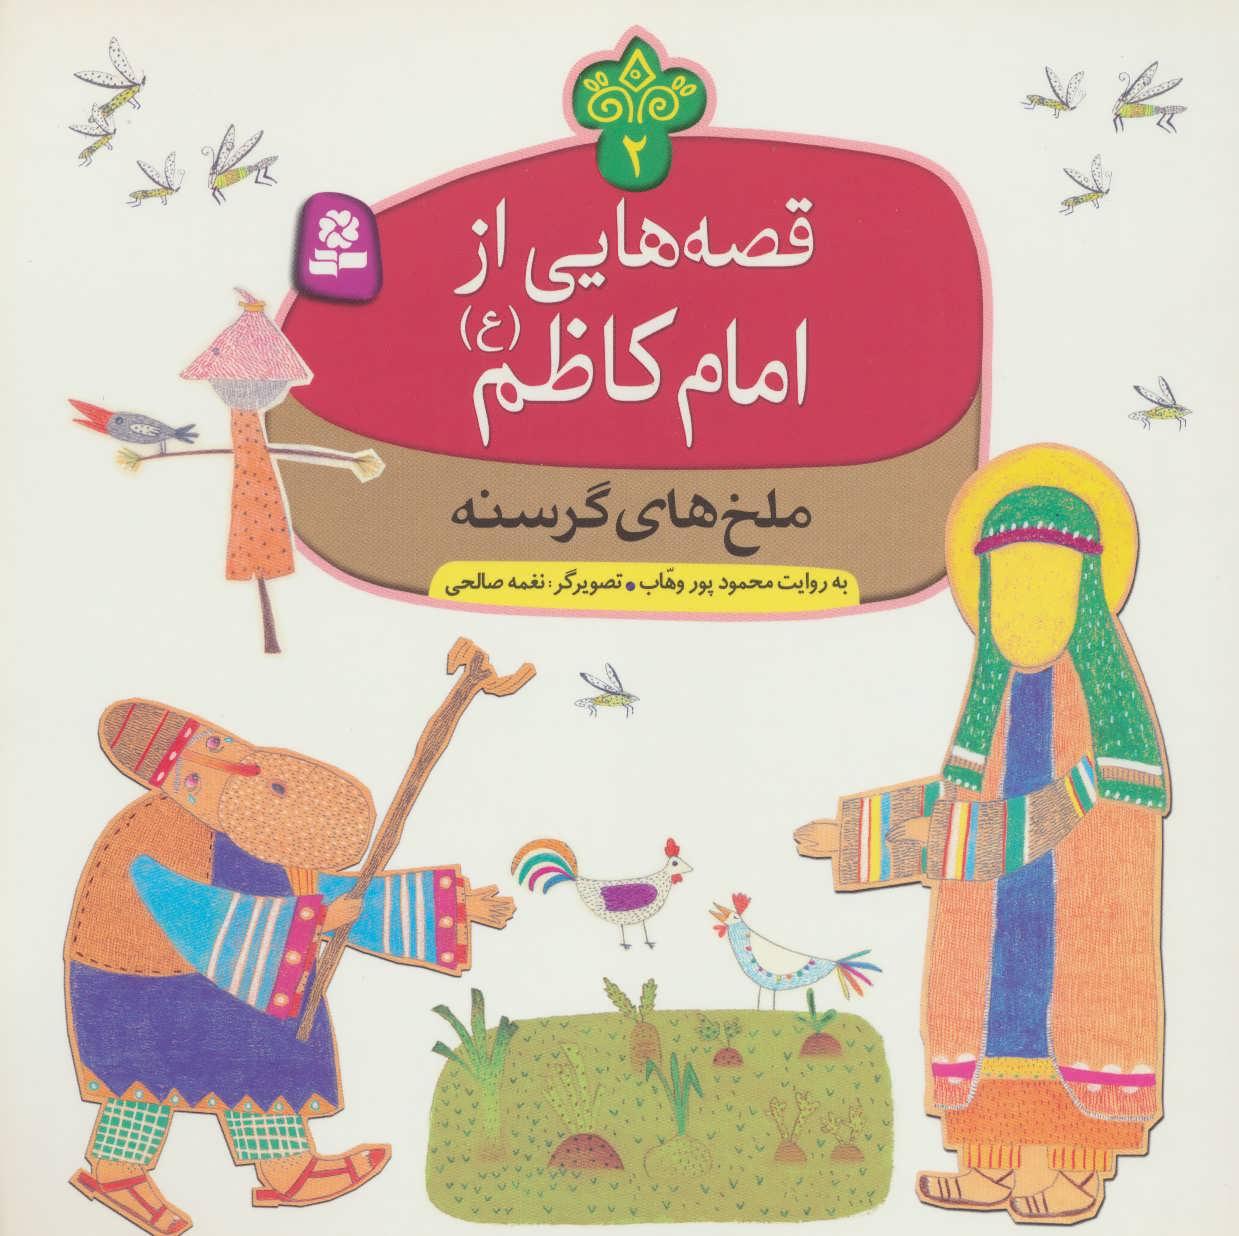 قصه هایی از امام کاظم (ع) 2 (ملخ های گرسنه)،(گلاسه)